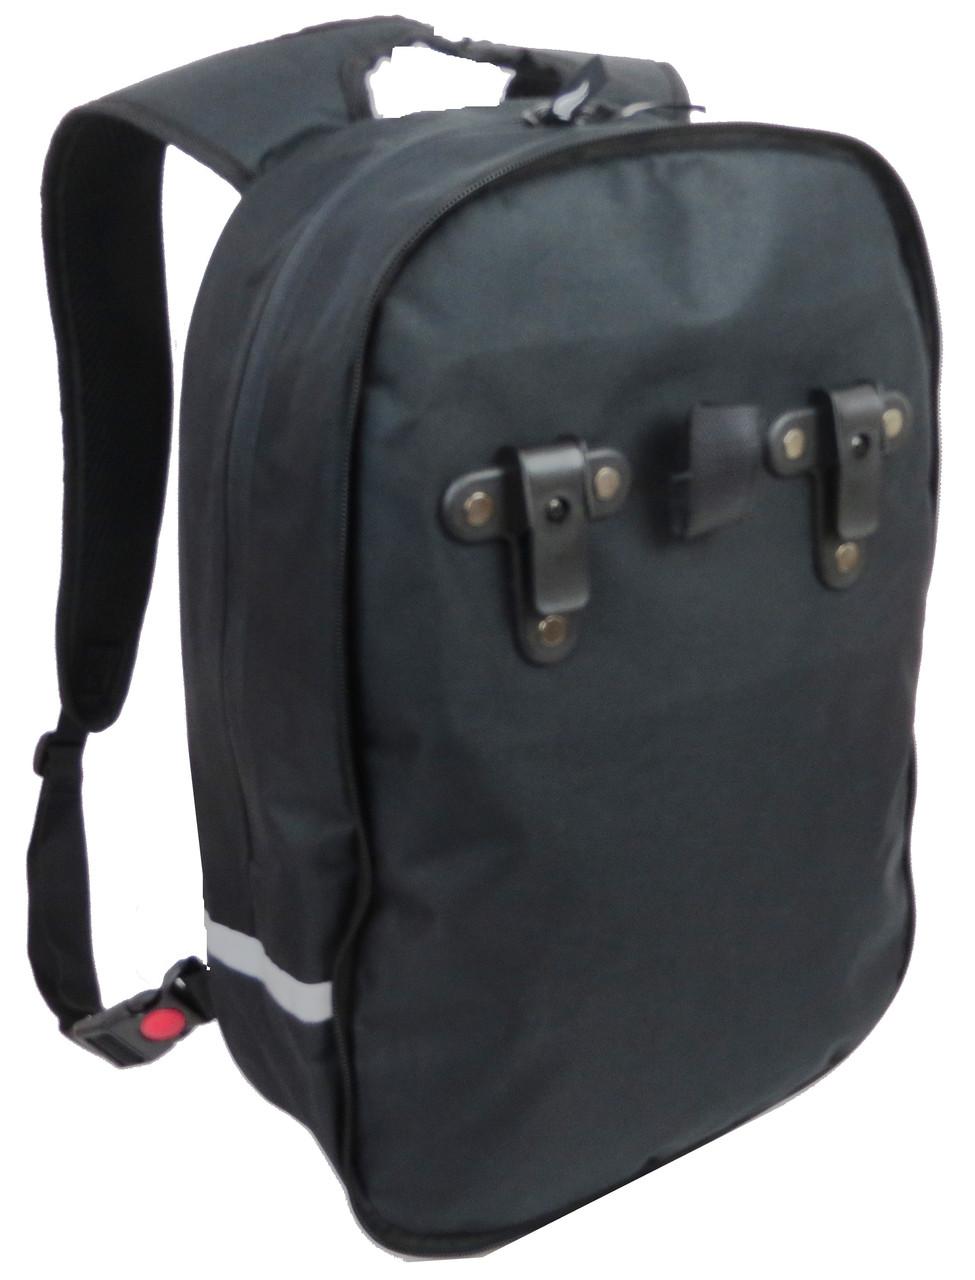 Уцінка! Велосипедна сумка-рюкзак 2 в 1 Crivit 15L чорний PO30000365-1